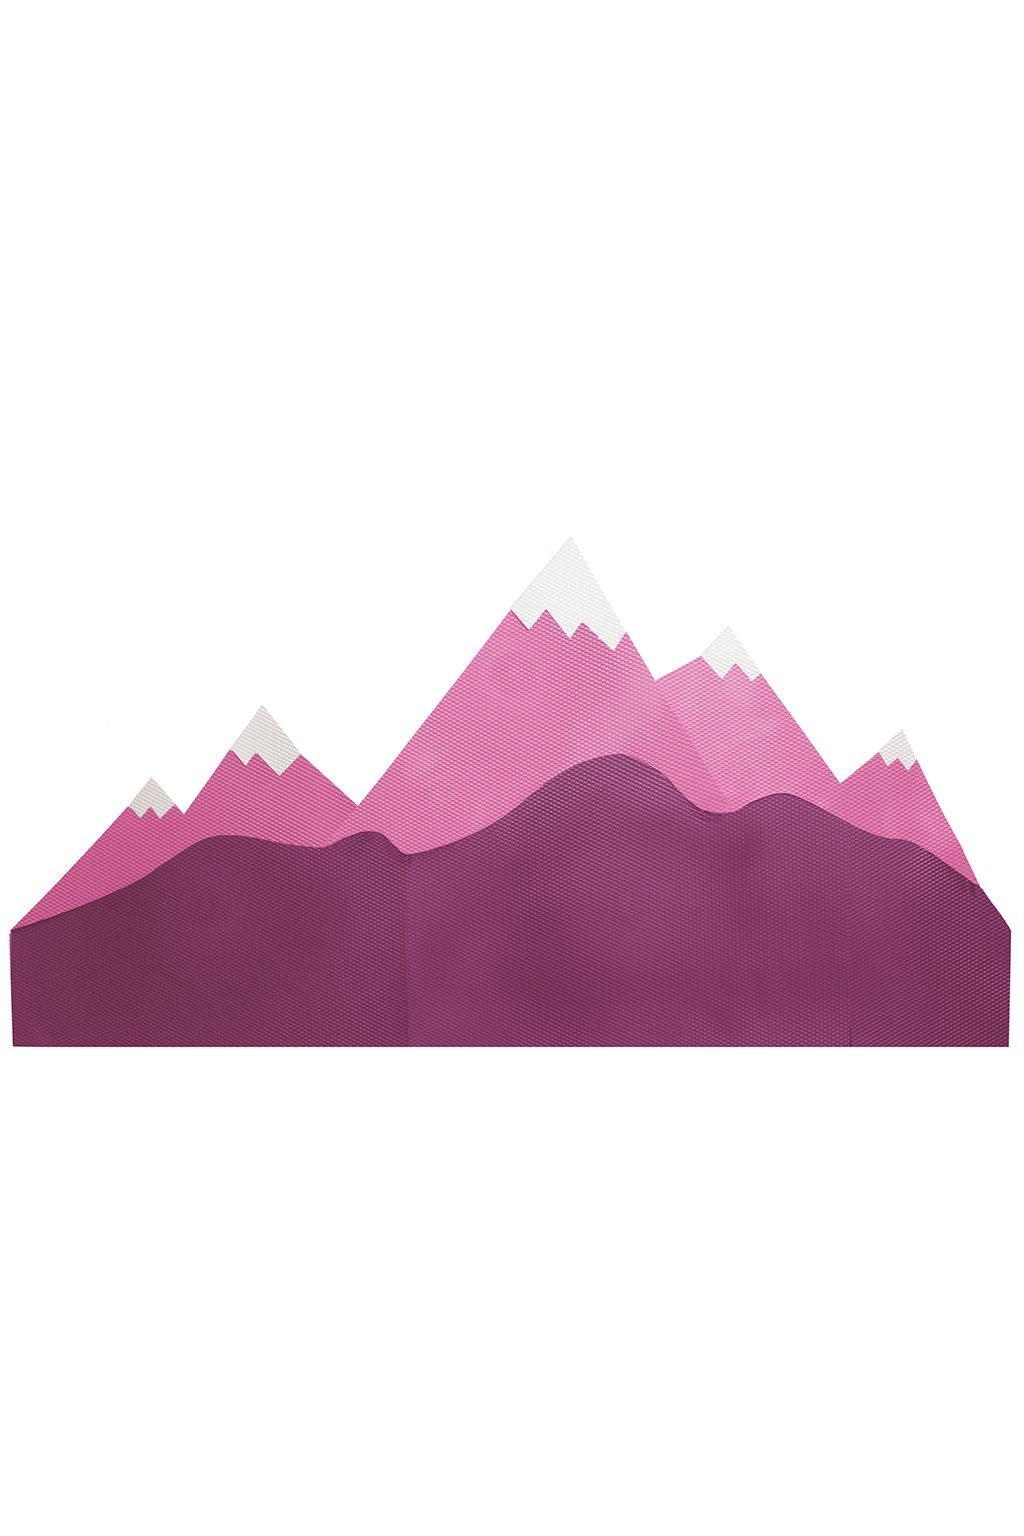 hory šede